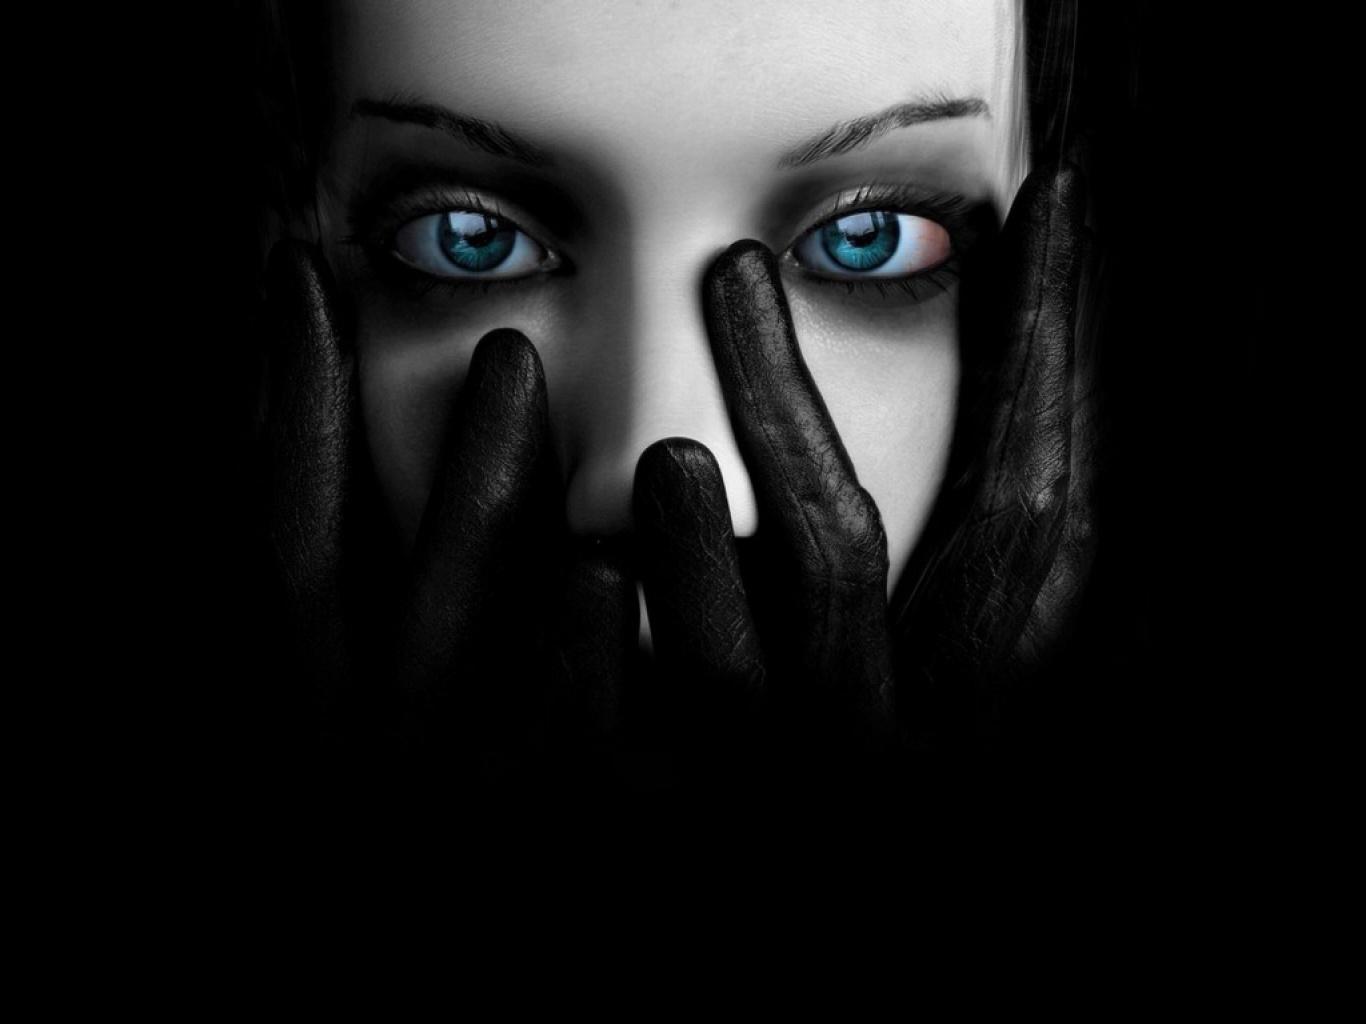 sombras de miedo